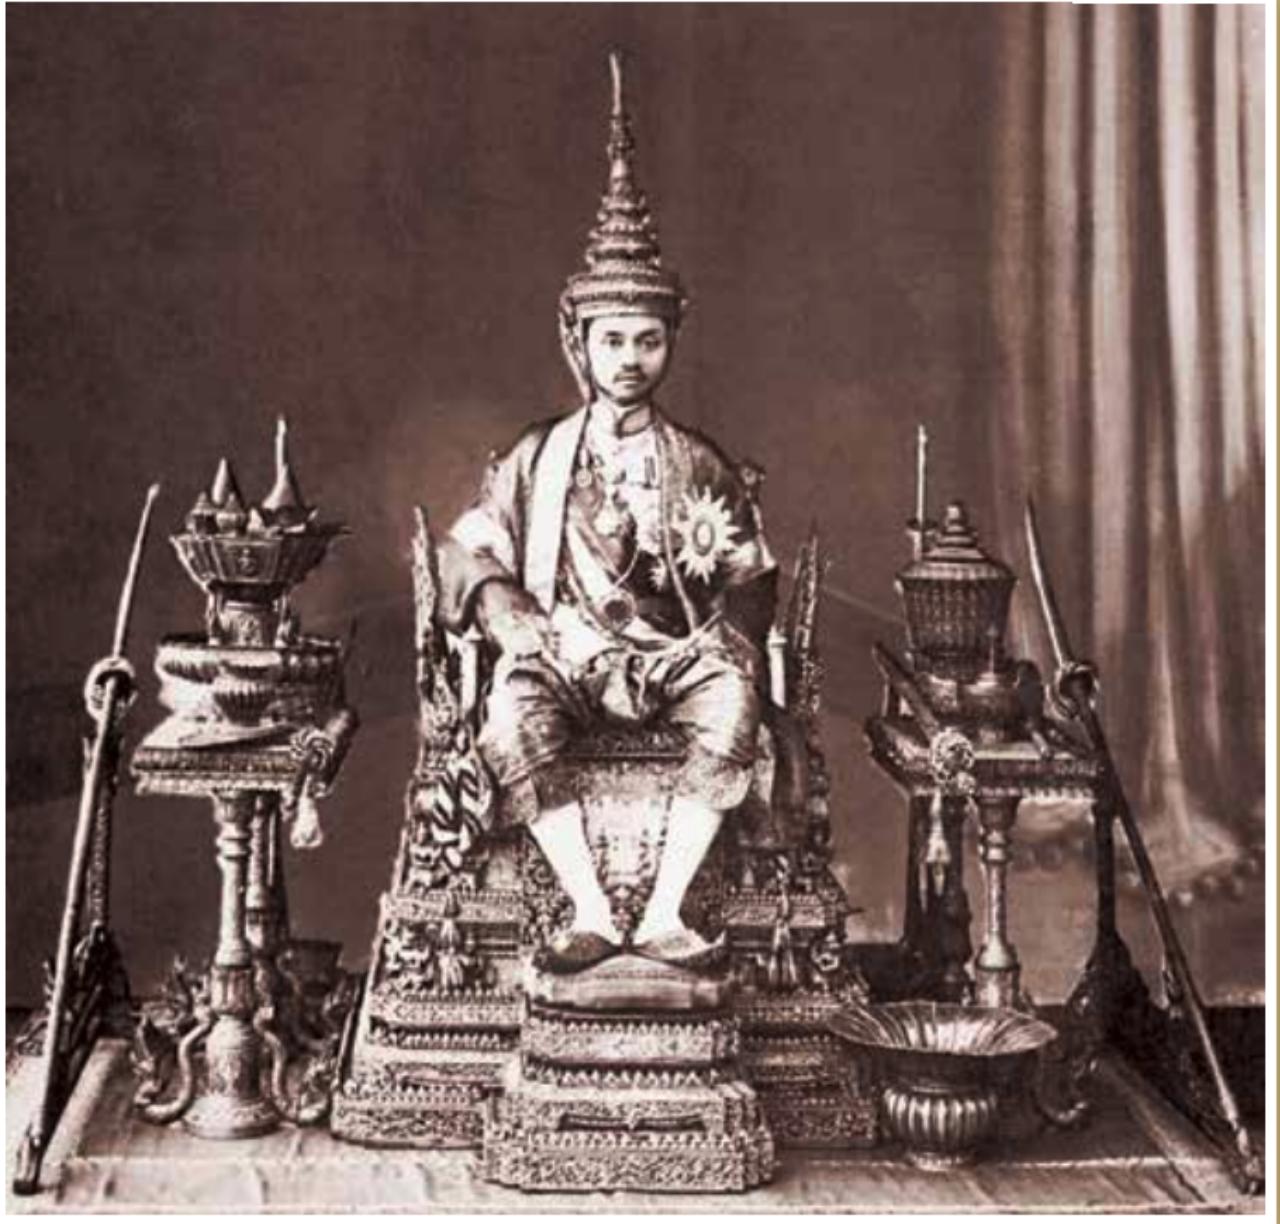 รัชกาลที่ 7พระบาทสมเด็จพระปกเกล้าเจ้าอยู่หัว ทรงประกอบพระราชพิธีบรมราชาภิเษก วันที่ 25 ก.พ. 2468